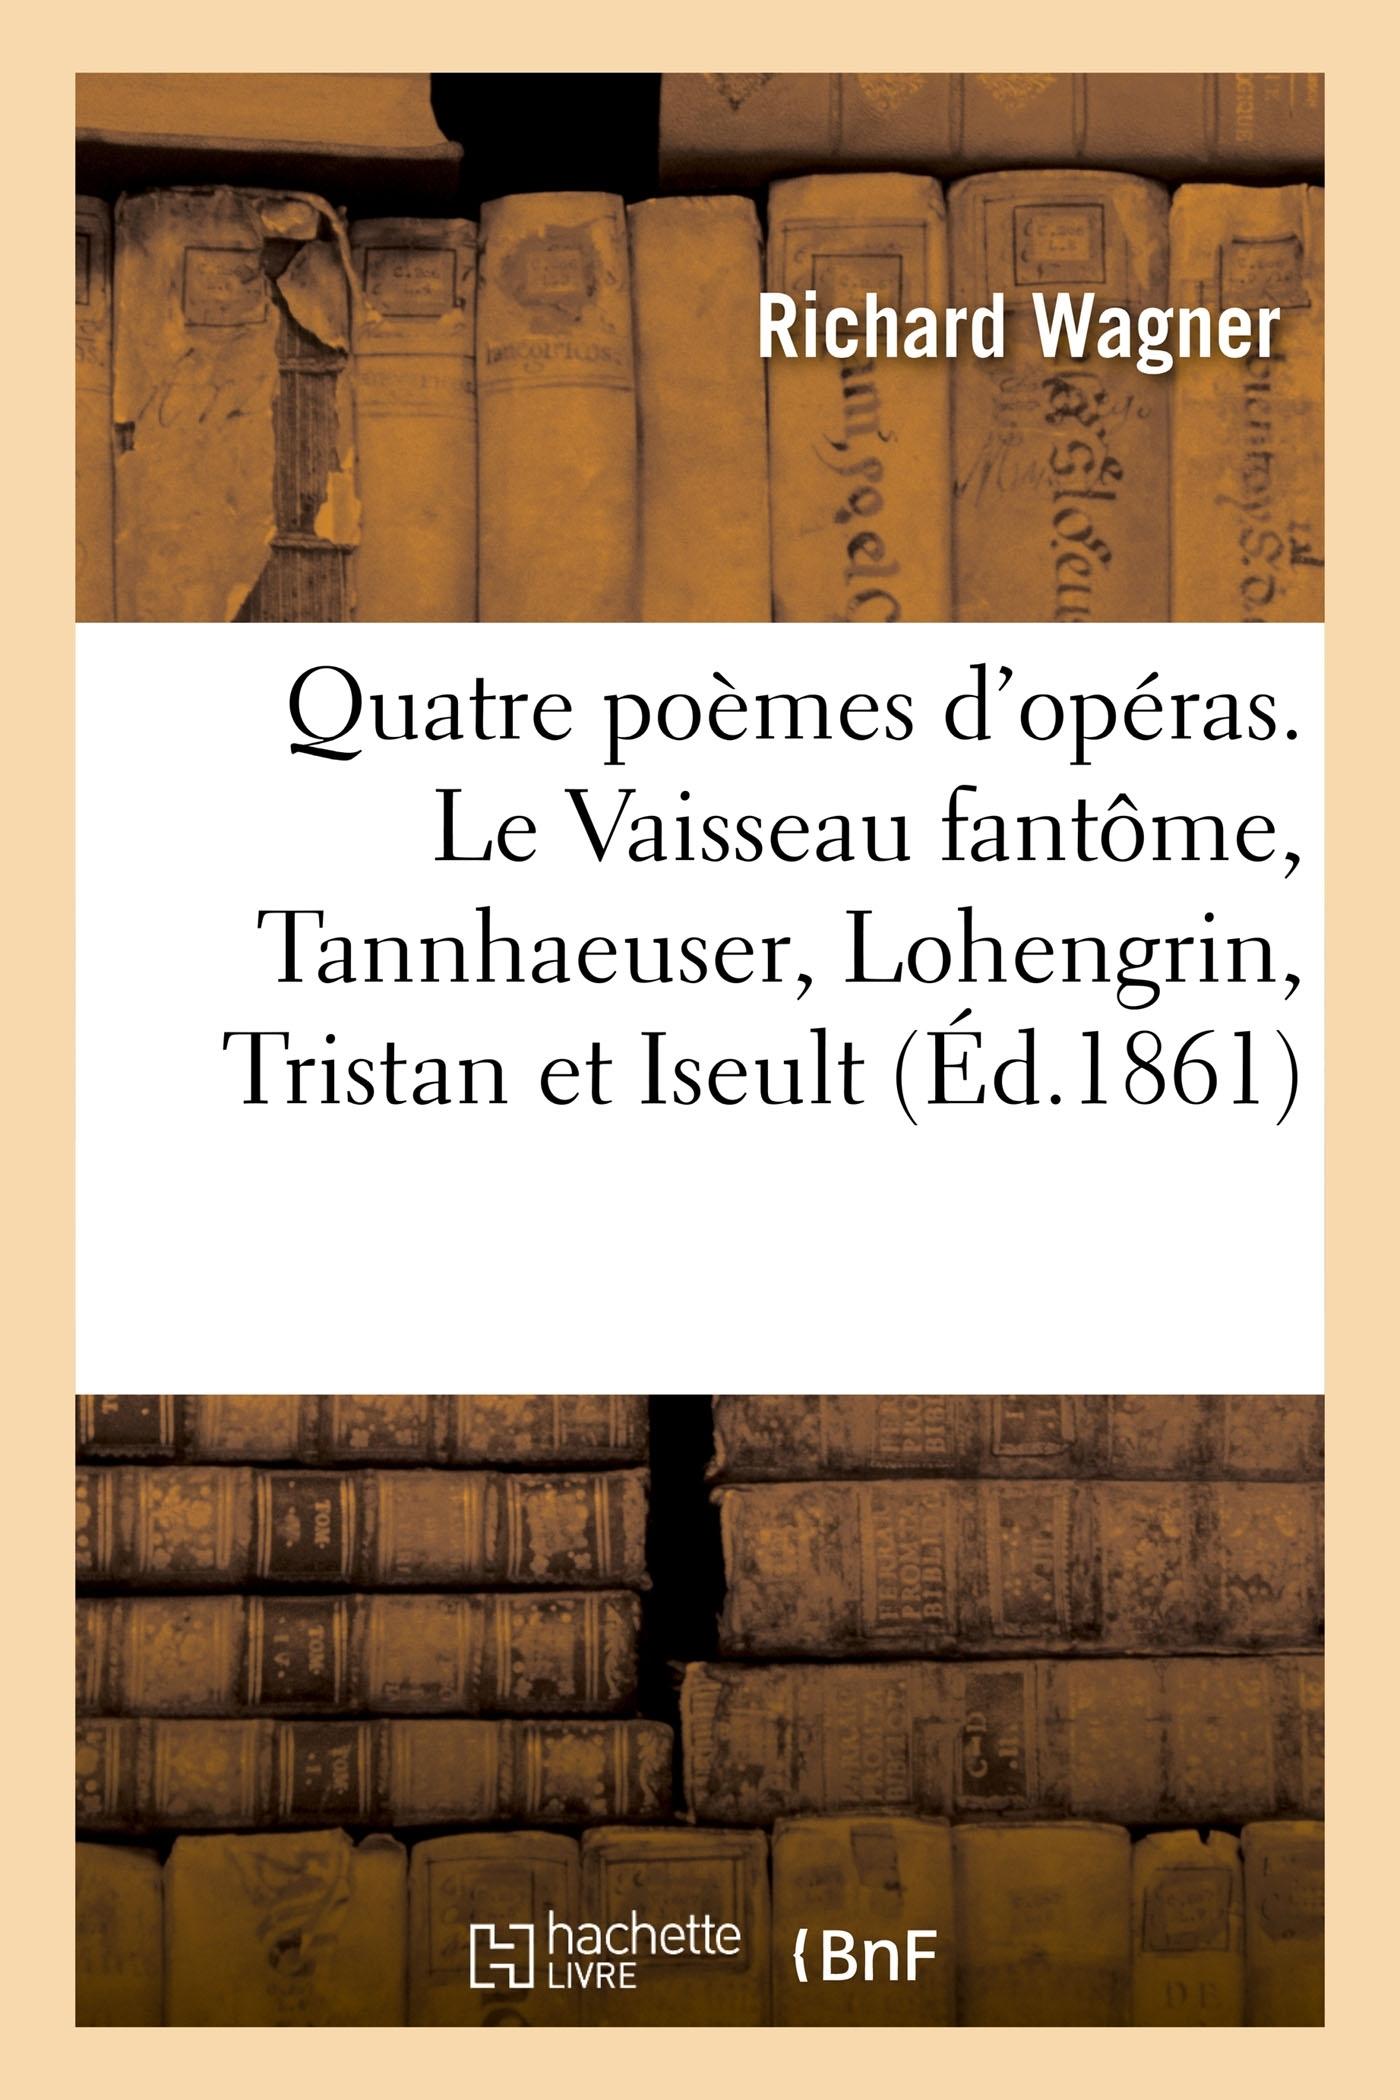 QUATRE POEMES D'OPERAS. LE VAISSEAU FANTOME, TANNHAEUSER, LOHENGRIN, TRISTAN ET ISEULT - TRADUIT DE